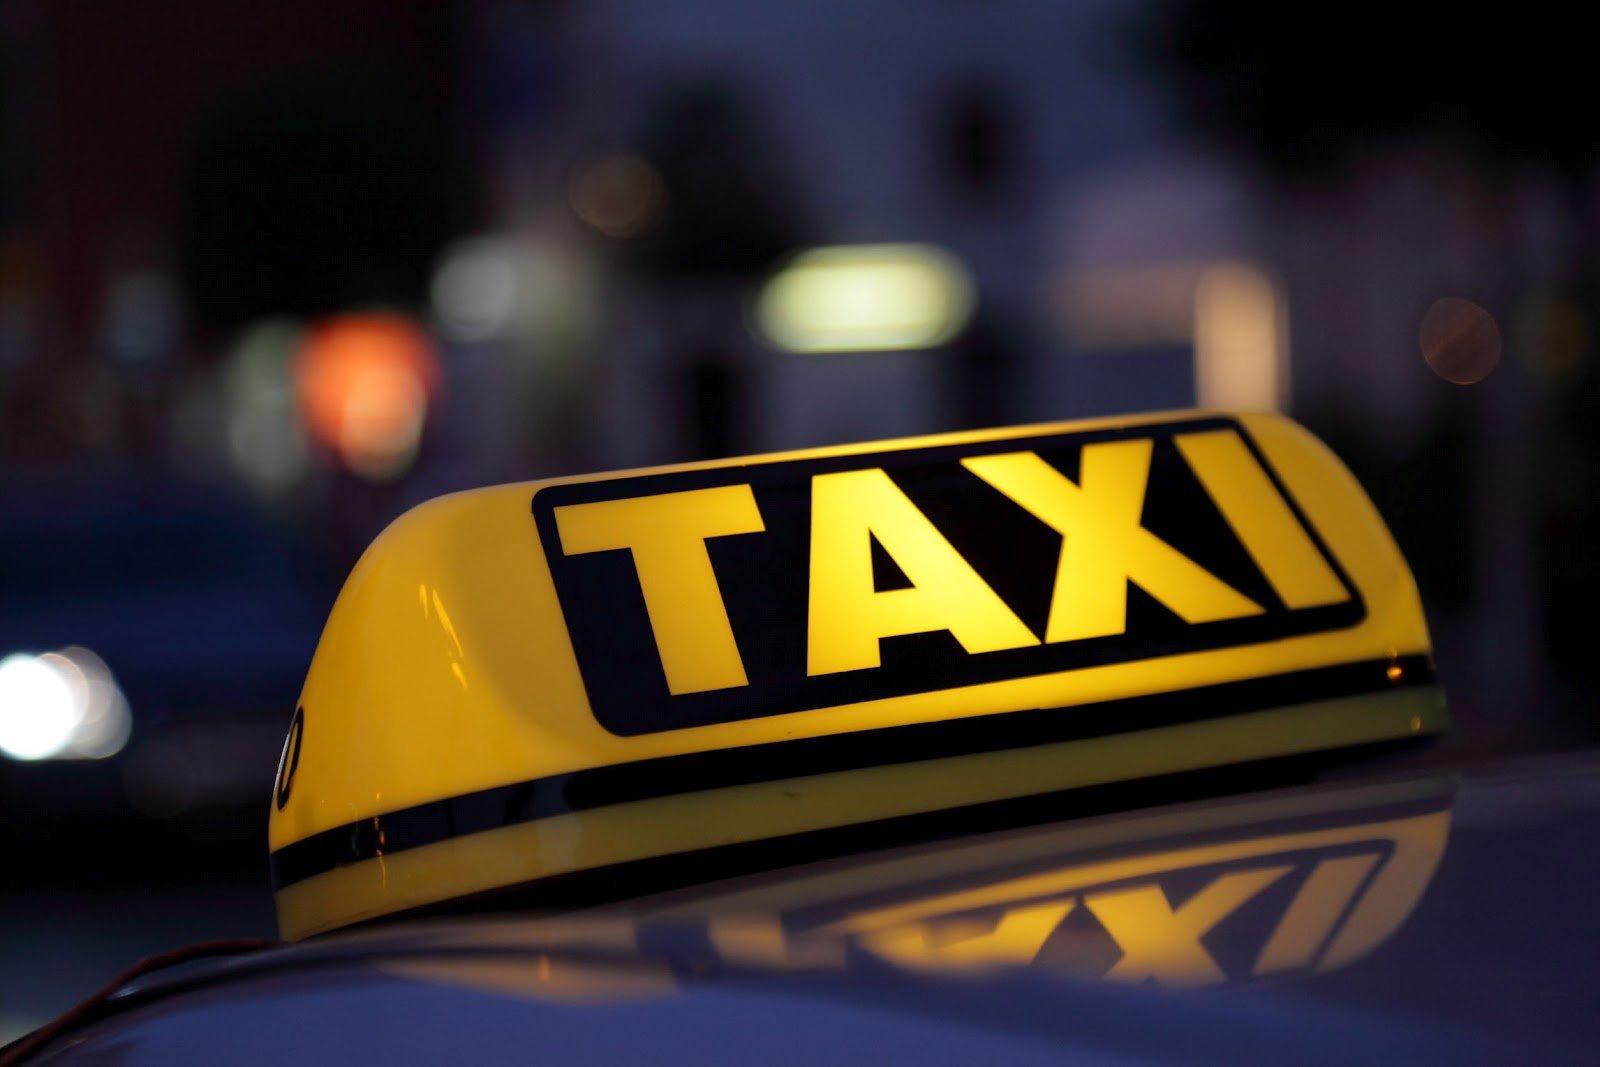 Пропавшего 5 дней назад таксиста отыскали мертвым вВоронеже